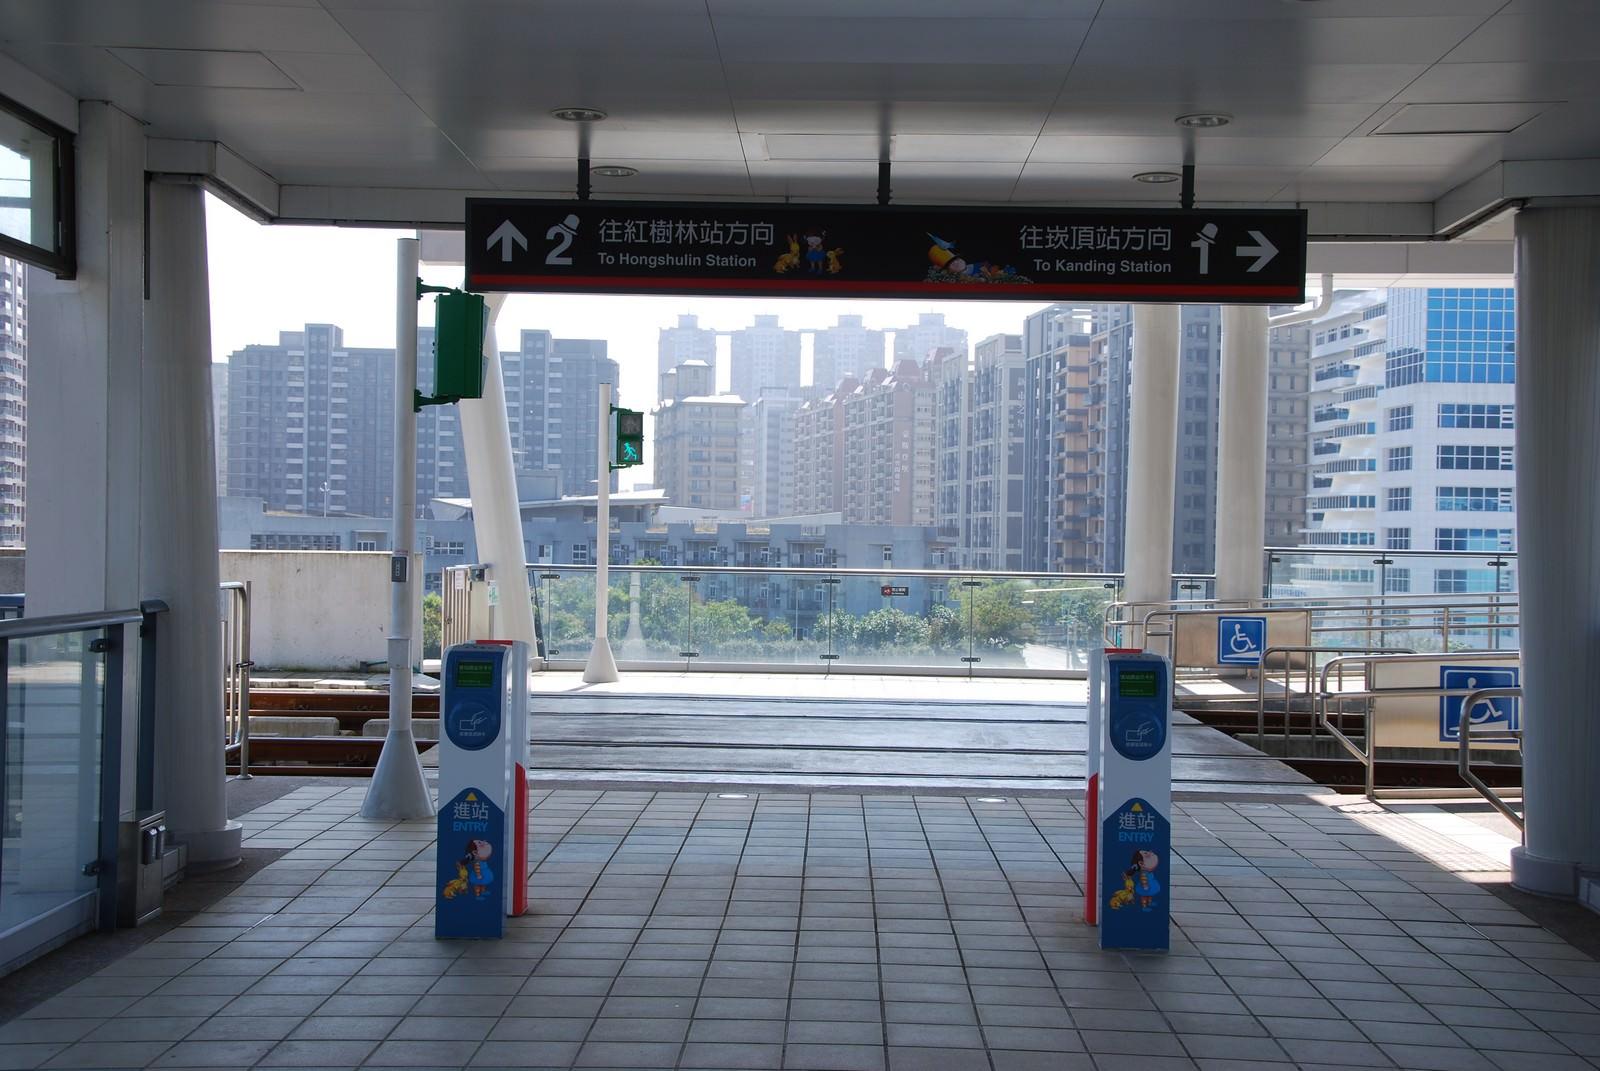 淡海輕軌綠山線, 輕軌淡水行政中心站, 刷卡機